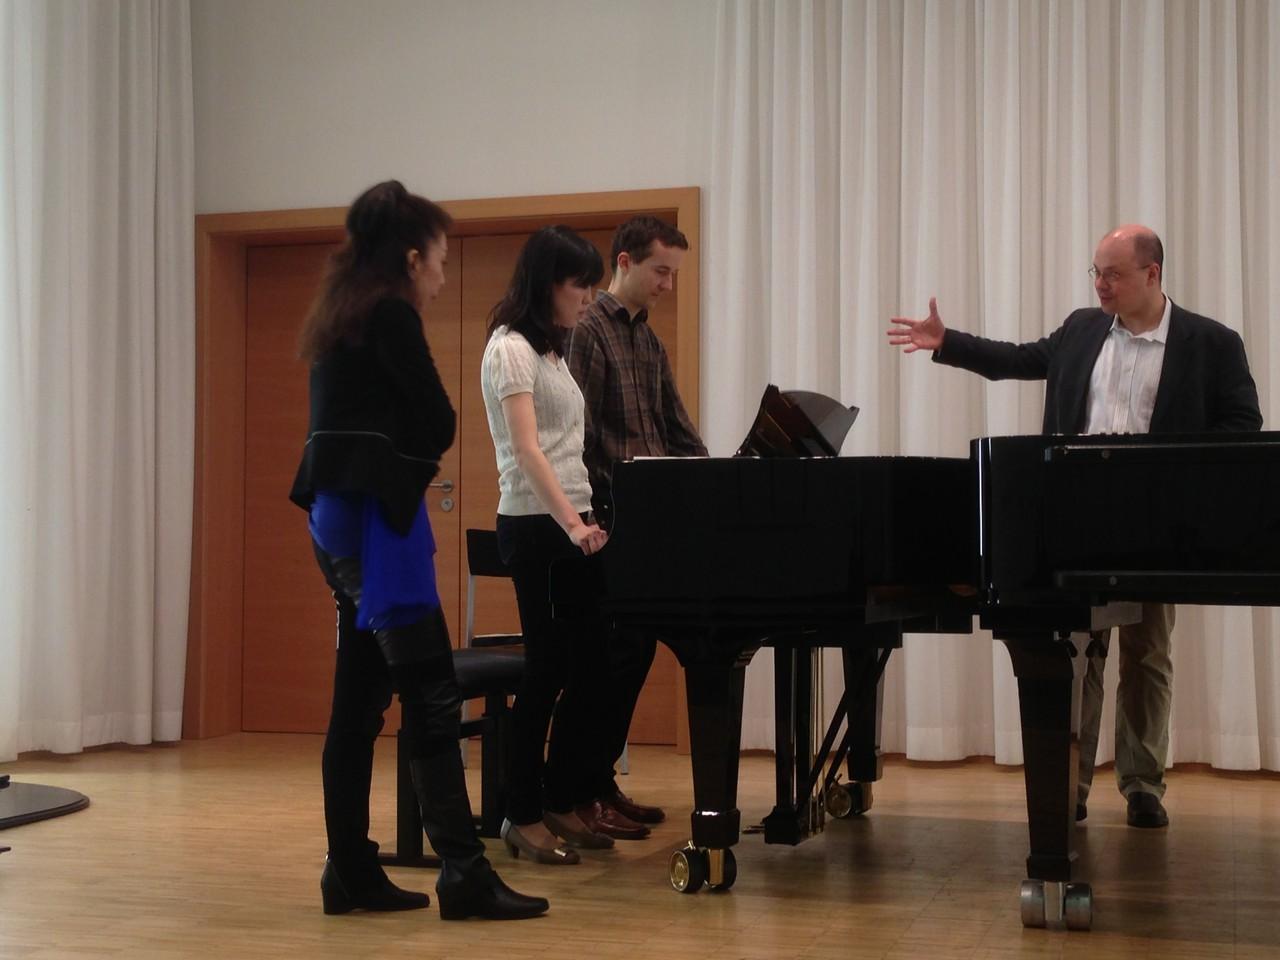 Meisterkurs Klavier, Hochschule für Musik Würzburg, 2013 (zusammen mit Prof. Yumiko Meguri - Tokio) (Foto: privat)